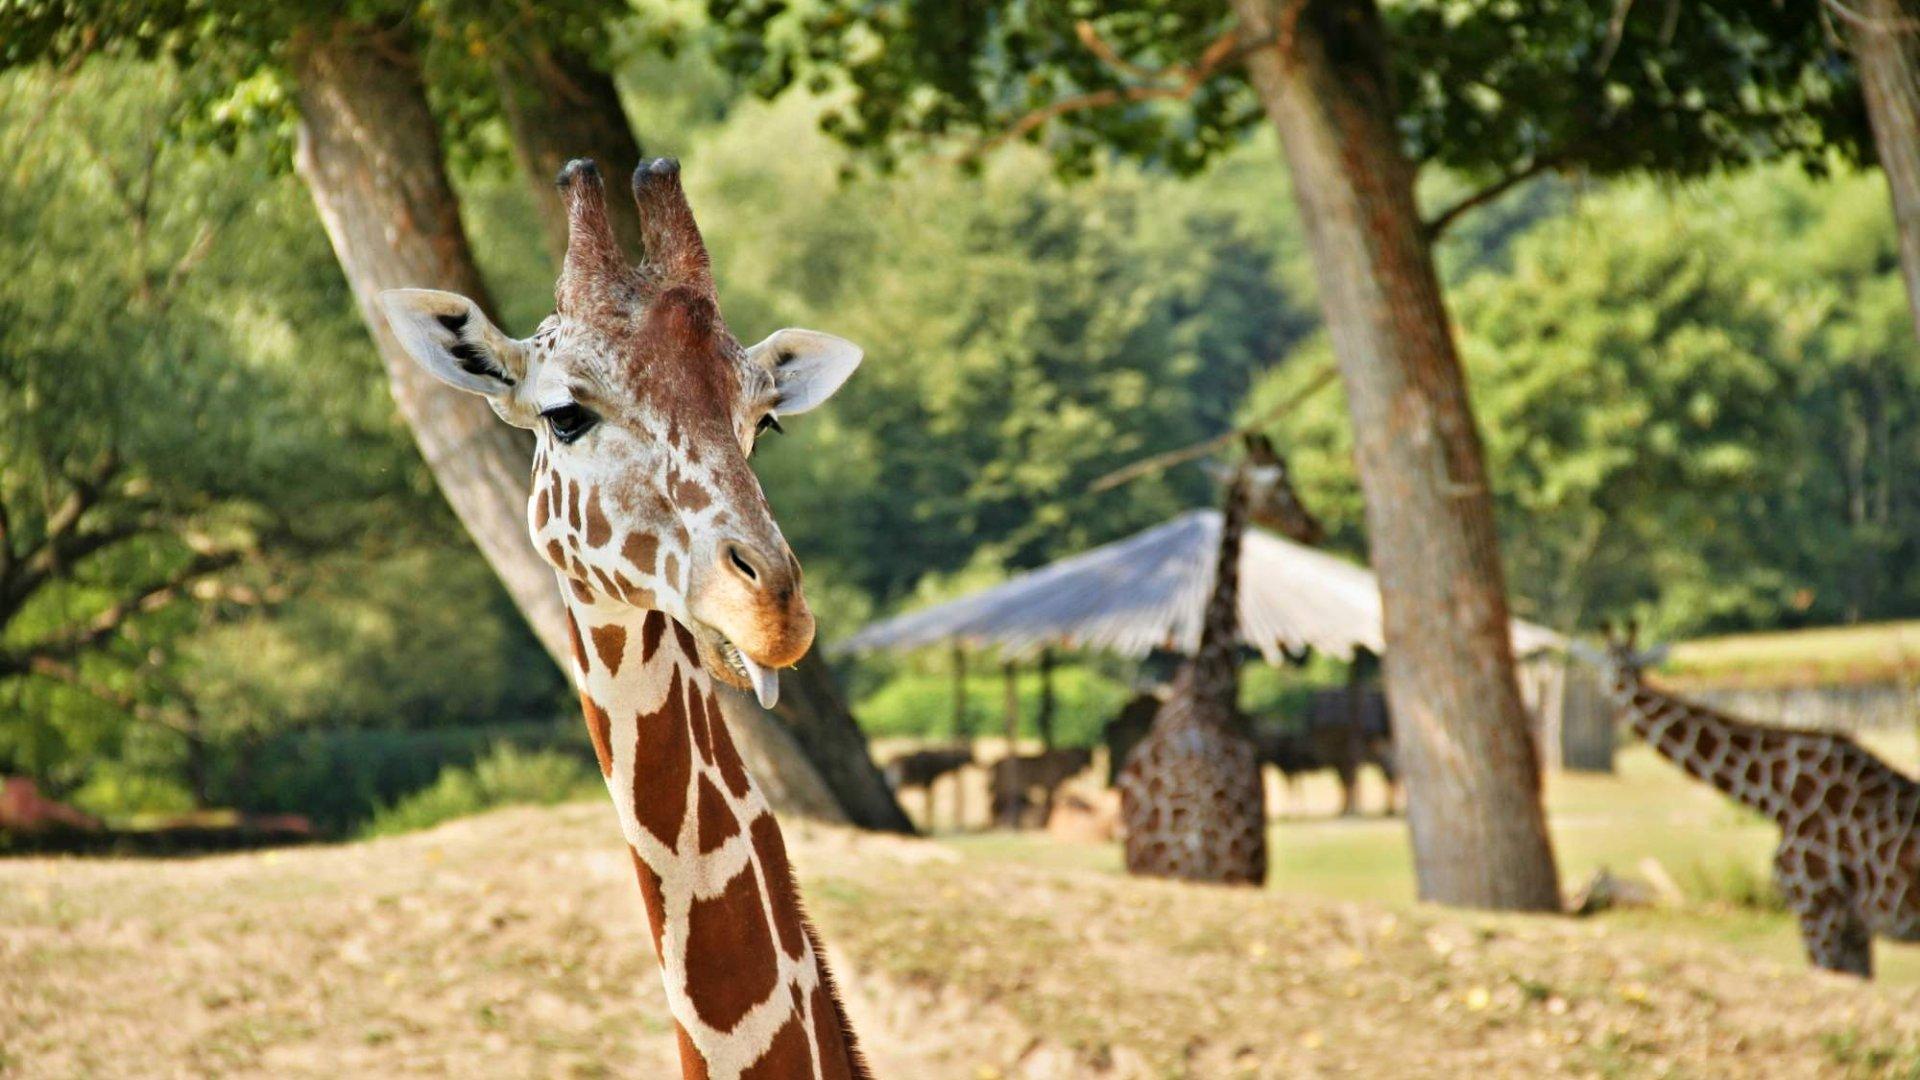 Zoo Dvůr Králové nad Labem – Osobní průvodce a vše důležité (ceník, otevírací doba)